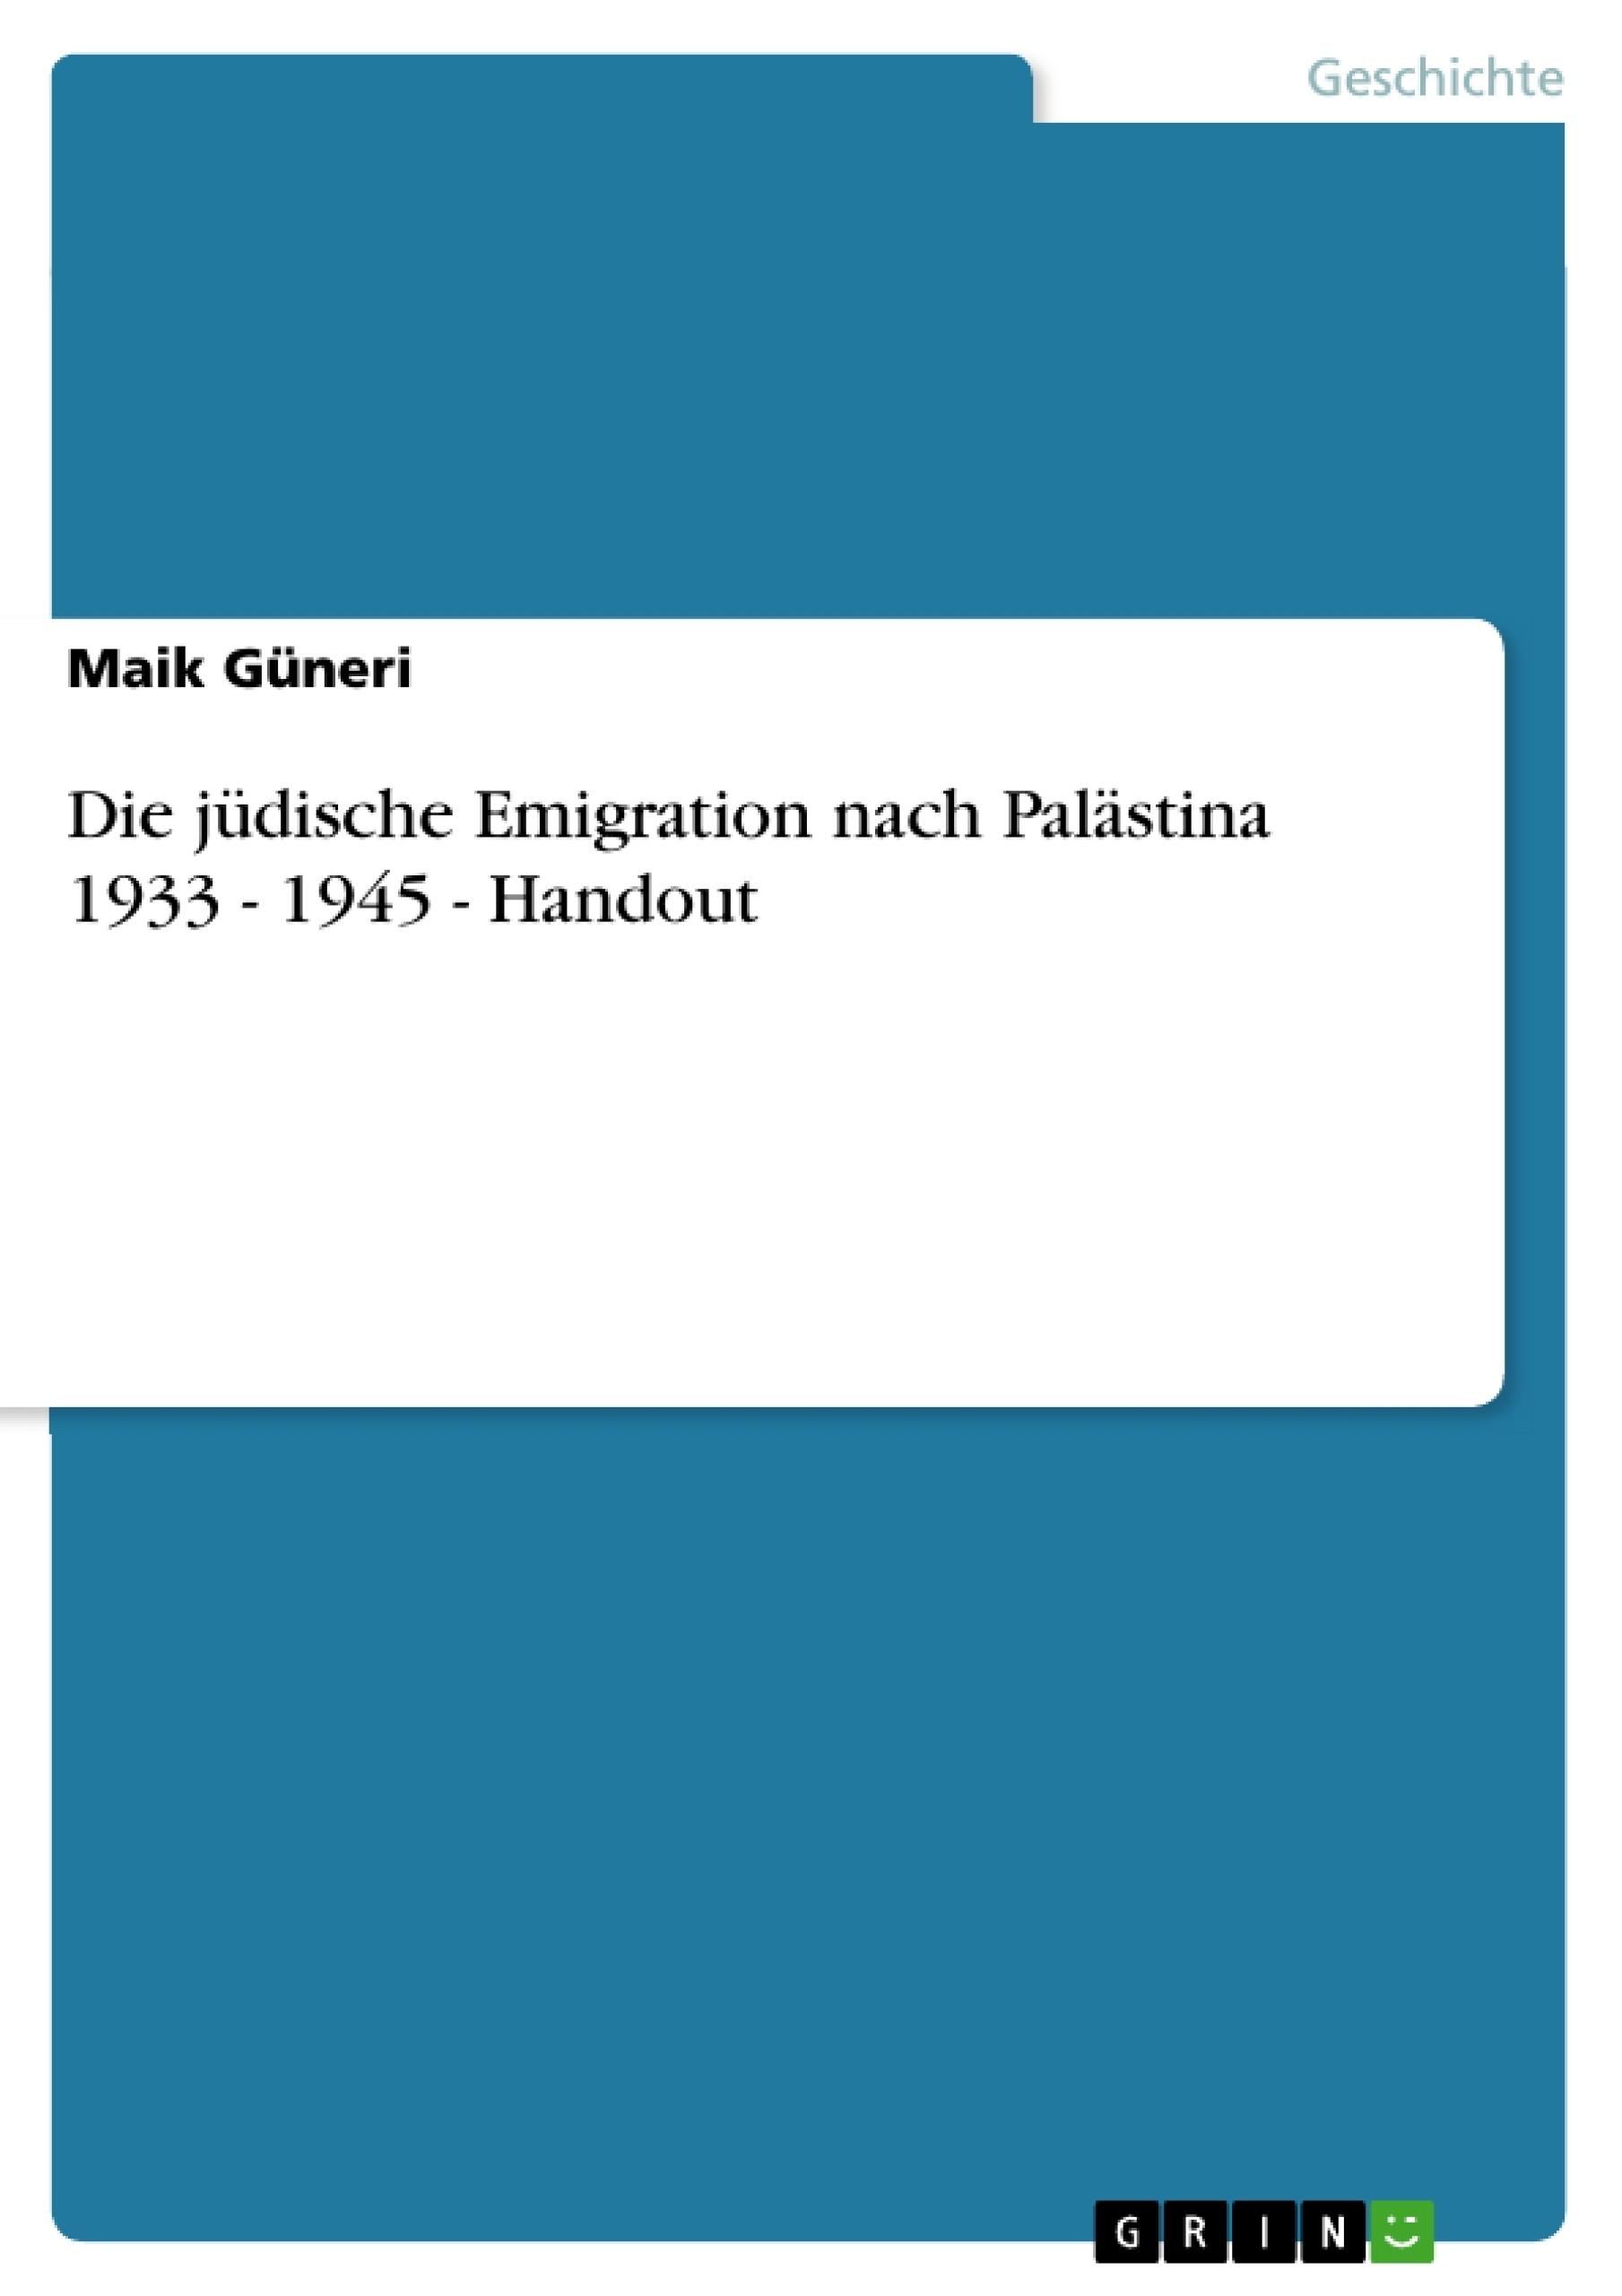 Titel: Die jüdische Emigration nach Palästina 1933 - 1945 - Handout